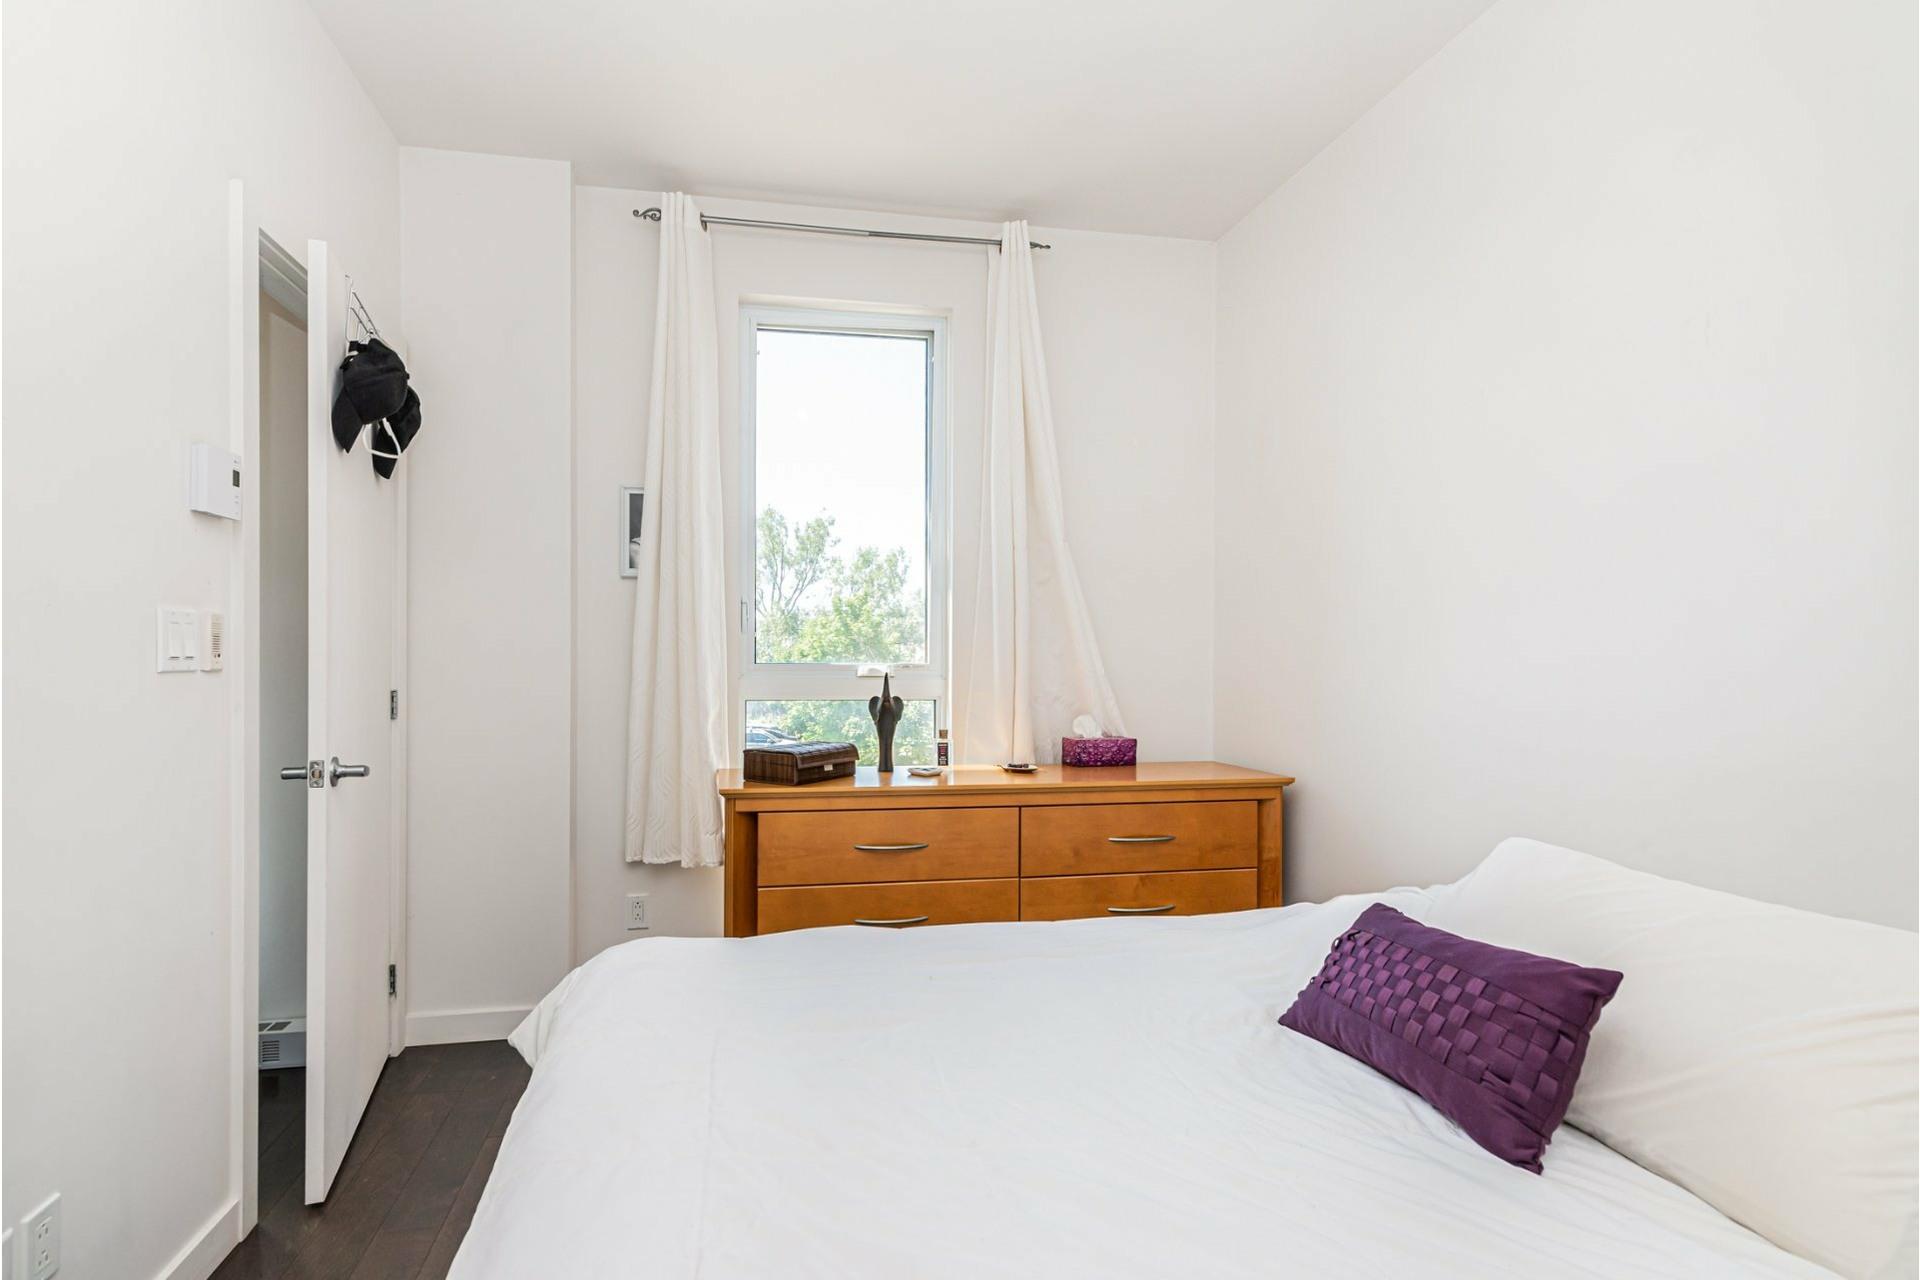 image 21 - Apartment For sale Lachine Montréal  - 4 rooms